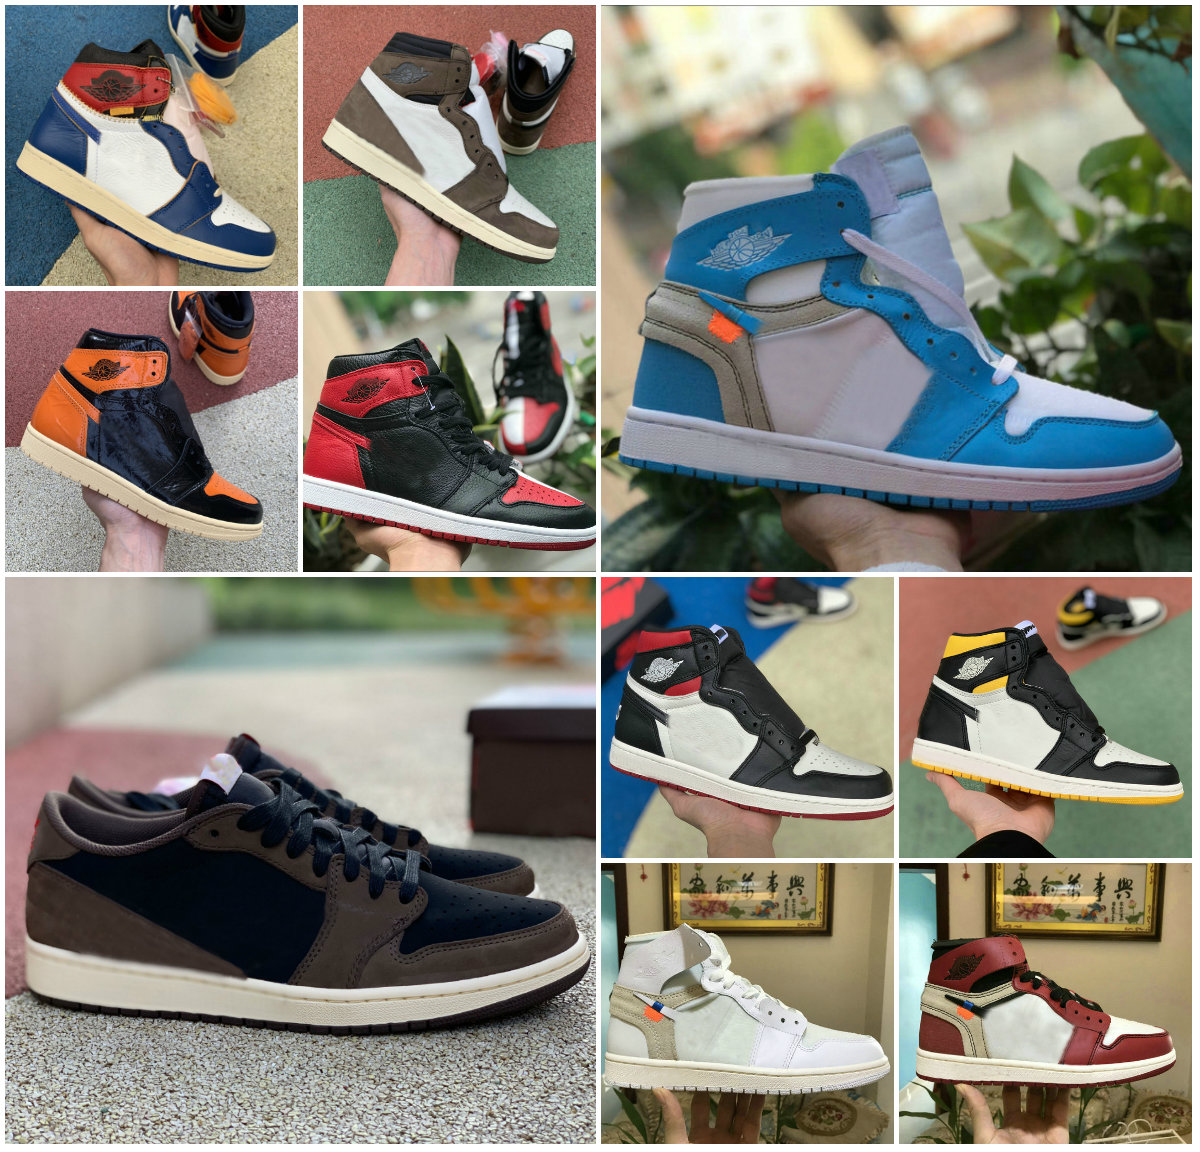 2019 Nouveau High 1 OG MID X Travis Scotts Chaussures de basket ball Turbo vert Origine histoire Gs Banned NRG X Union Retroes 1s Unc Blanc Bleu Bas